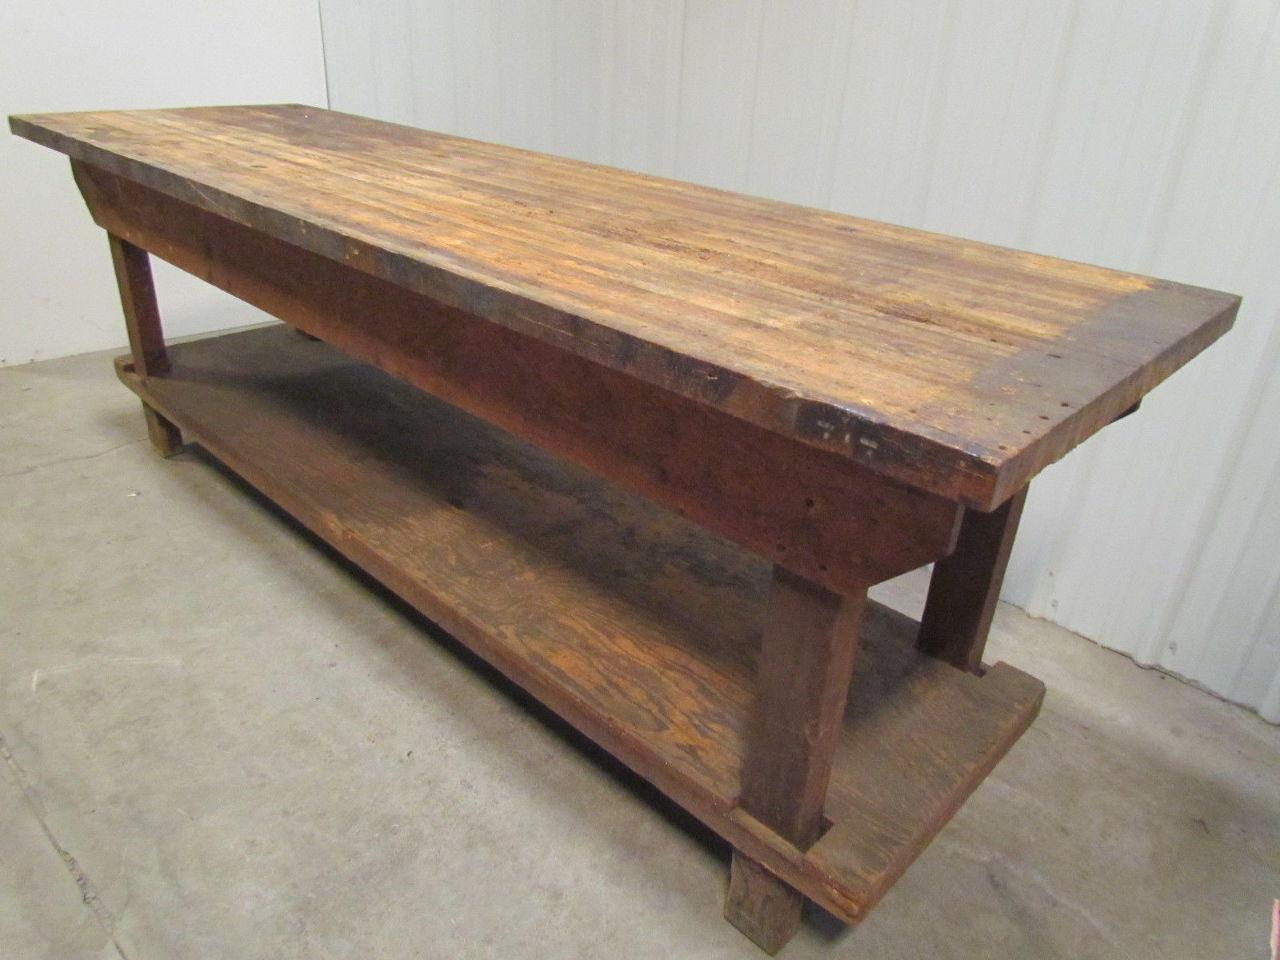 Vintage Heavy Duty Butcherblock Workbench Table Wood Frame ...